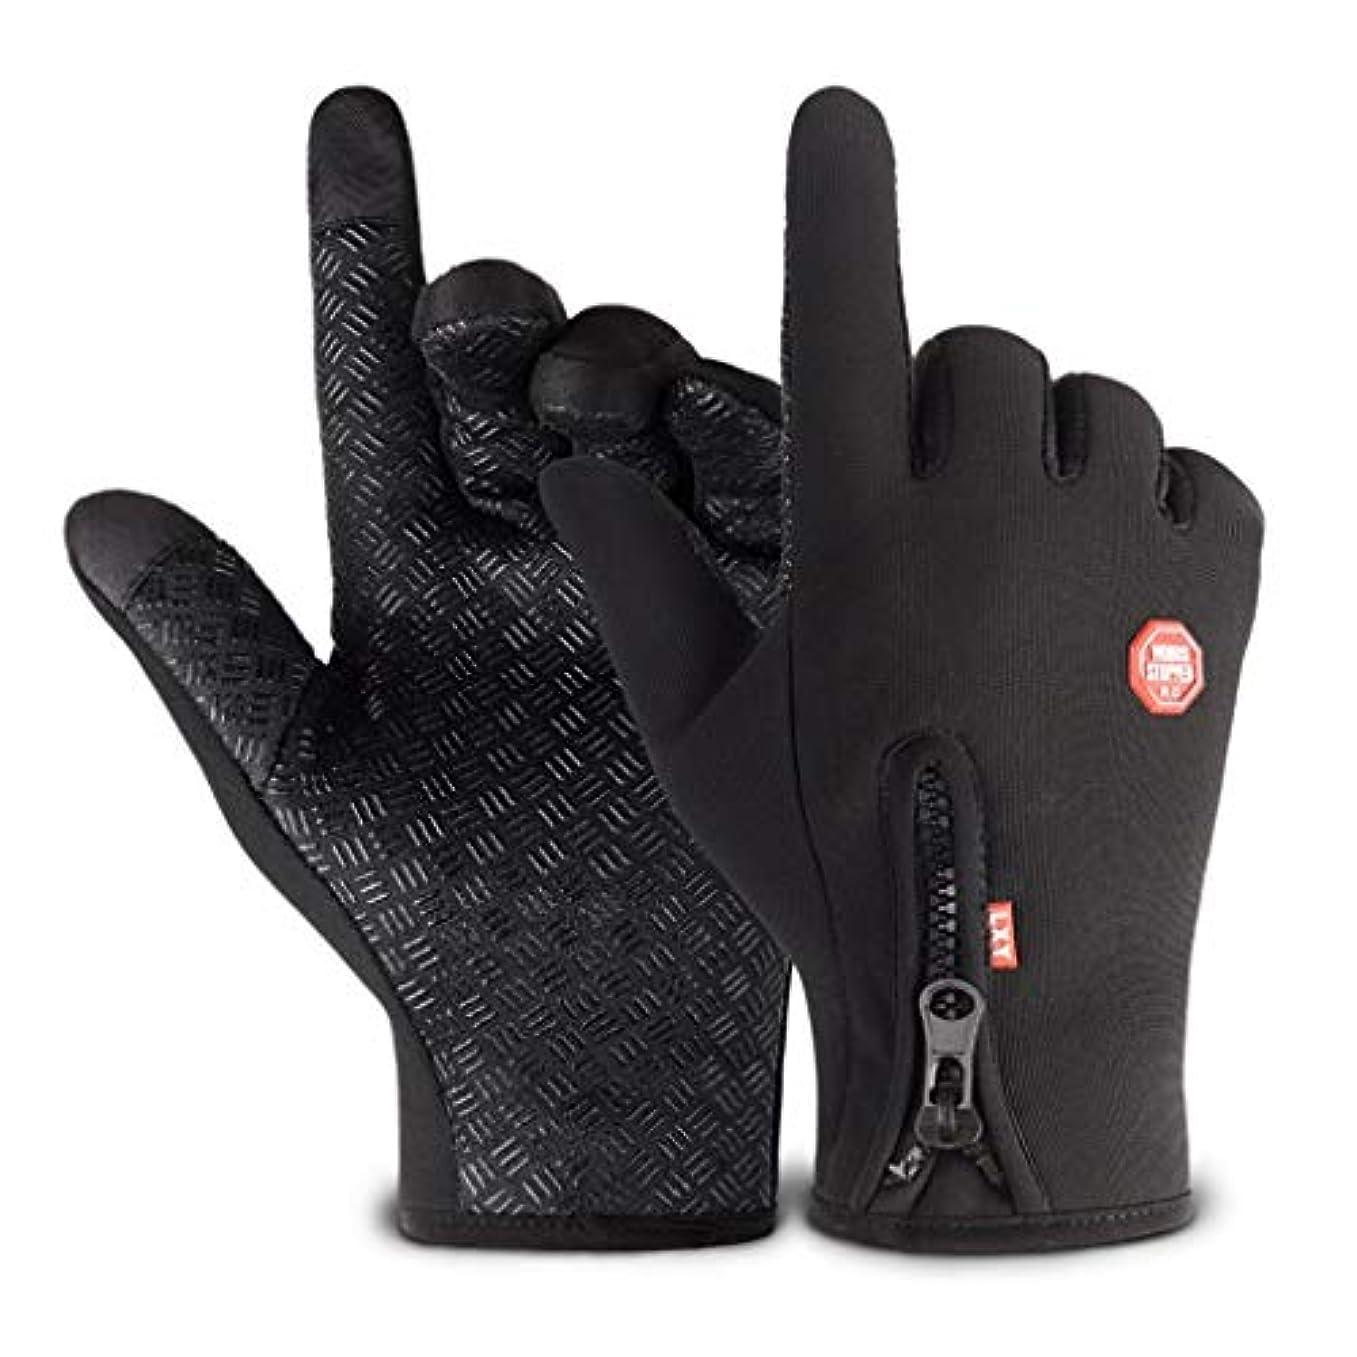 勇気のあるワーム不潔手袋男性の秋と冬の自転車電動バイクの女性のタッチスクリーン全天候防風ノンスリップ暖かいコールドプラスベルベット弾性手袋ワンサイズ黒